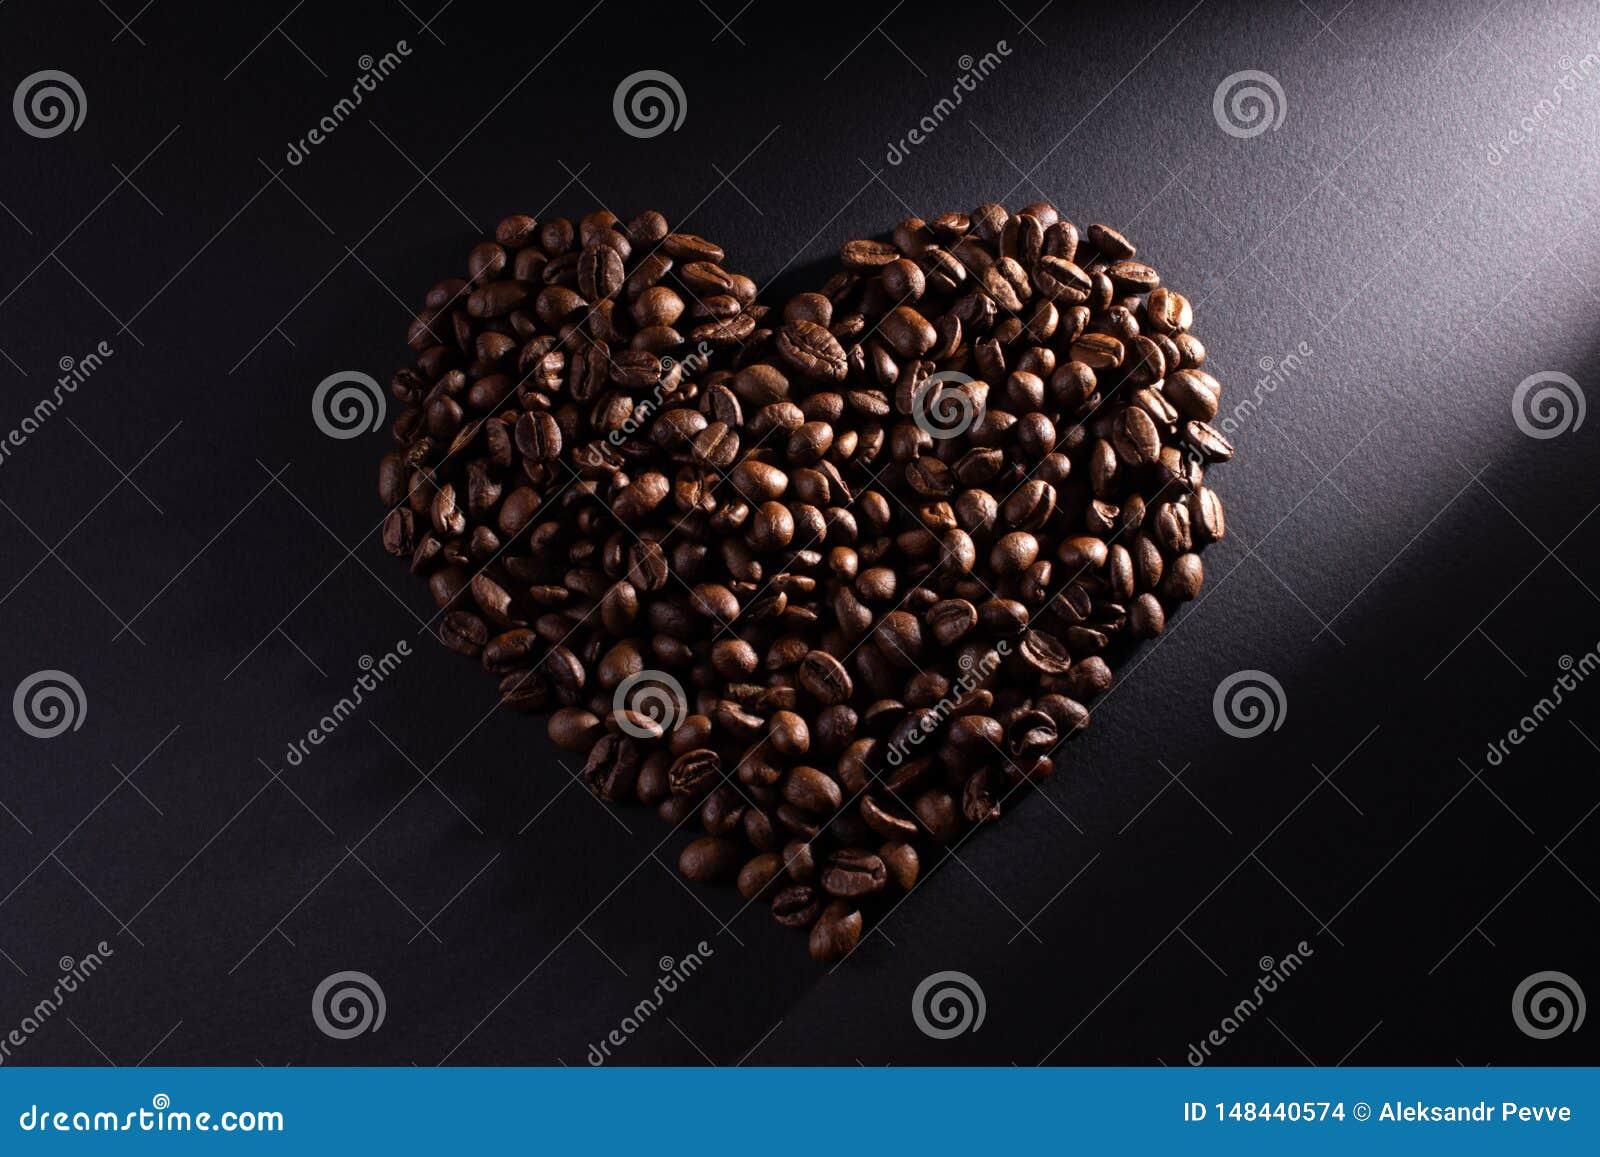 El corazón se hace del café con un rayo diagonal aclarado a la derecha